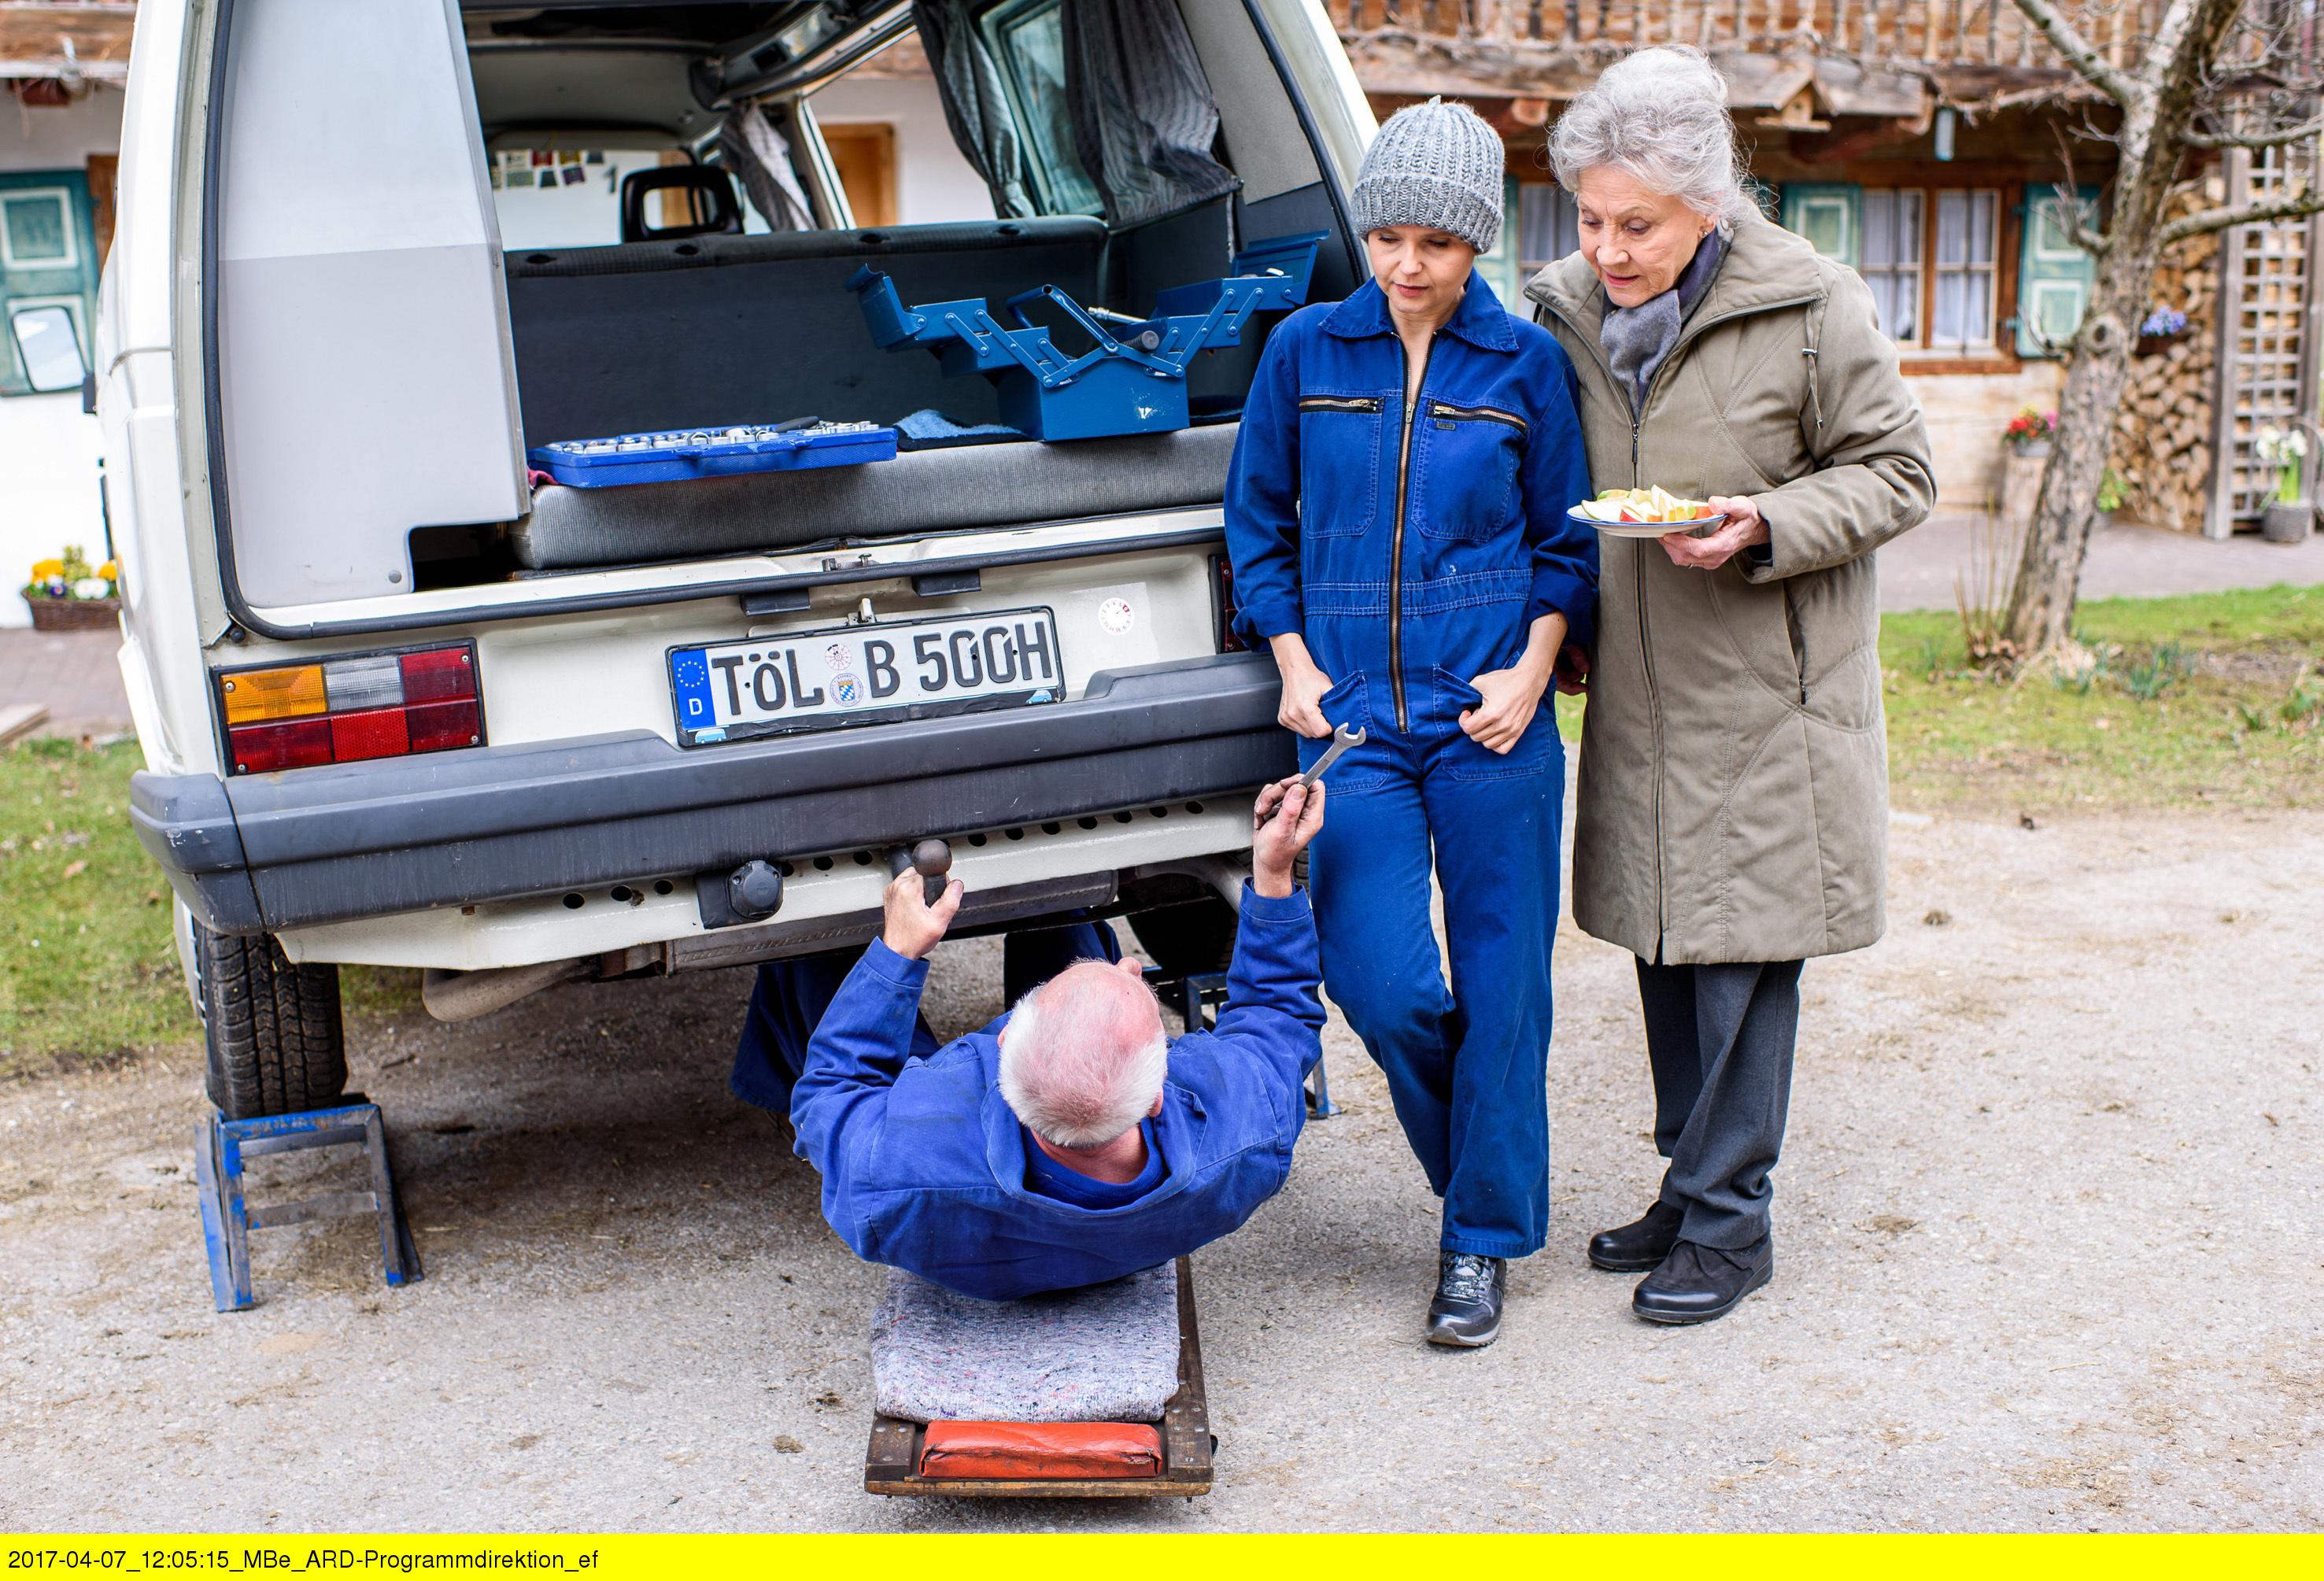 """ARD STURM DER LIEBE FOLGE 2696, am Montag (29.05.17) um 15:10 Uhr im ERSTEN. Alfons (Sepp Schauer, l.) erkennt vor Hildegard (Antje Hagen, r.) und Melli (Bojana Golenac, Mitte), dass das Projekt """"Bus flottmachen"""" zur Herausforderung wird. (Quelle: ARD/Christof Arnold)"""